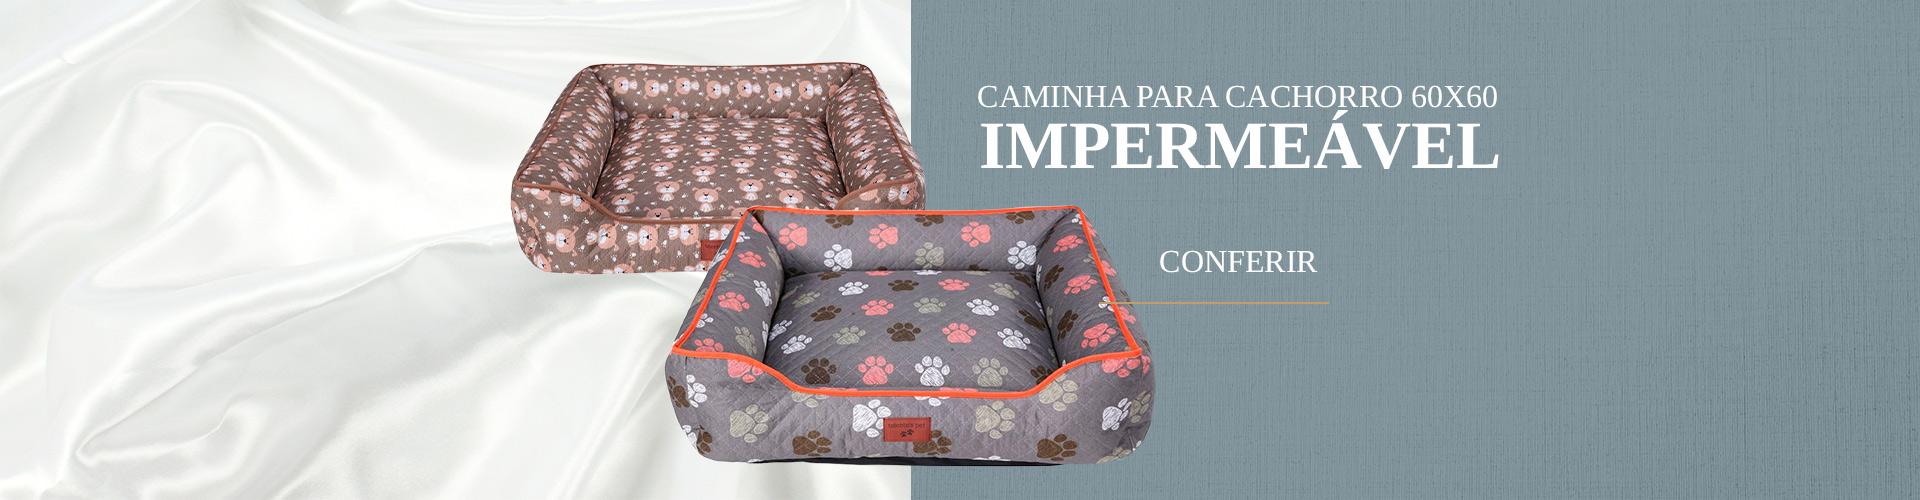 CAMINHA PARA CACHORRO IMPERMEAVEL